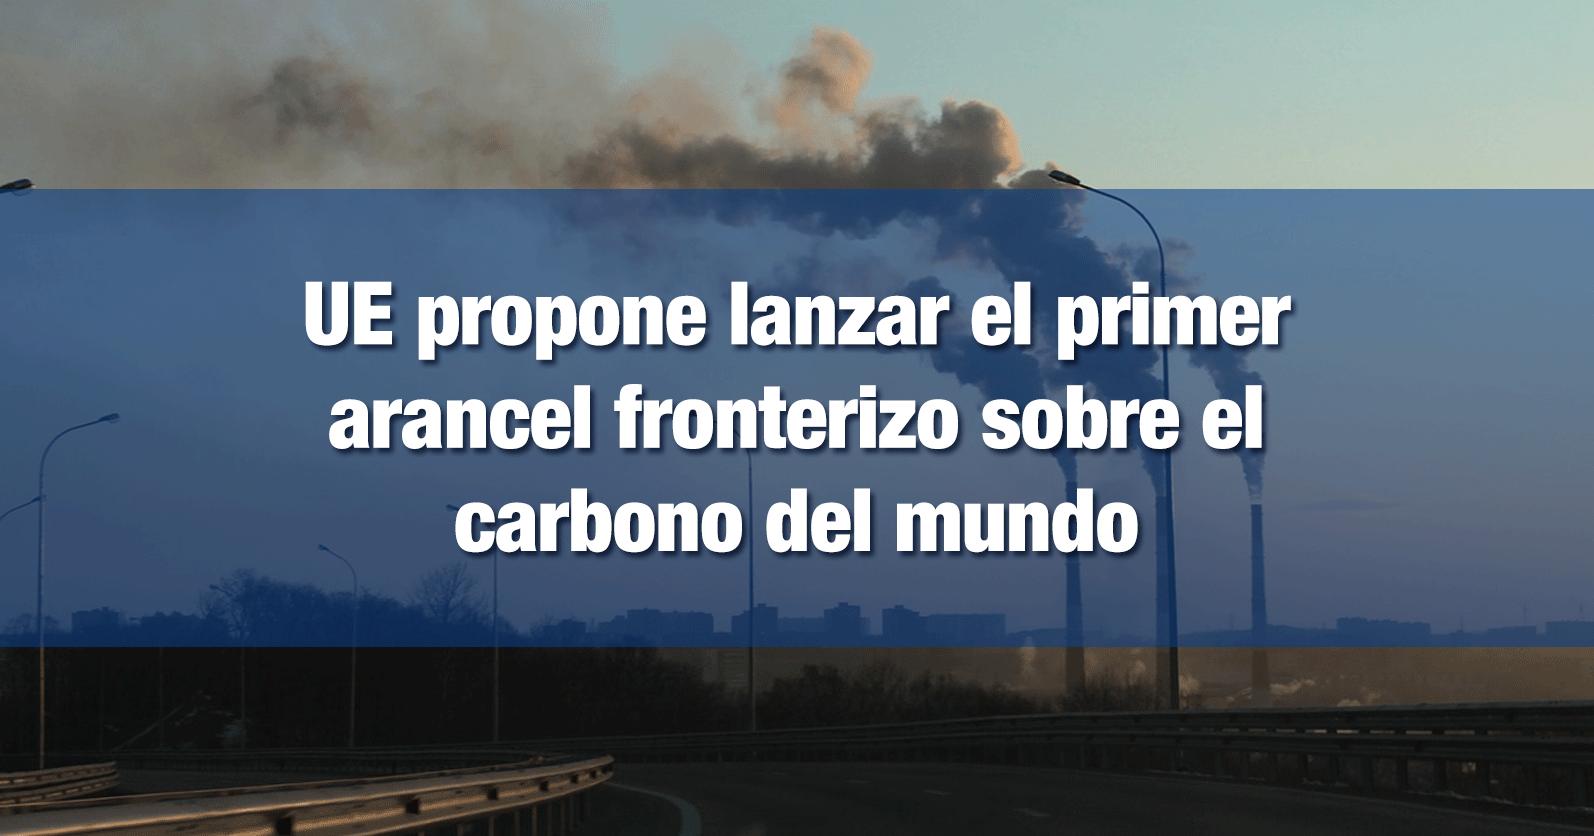 UE propone lanzar el primer arancel fronterizo sobre el carbono del mundo